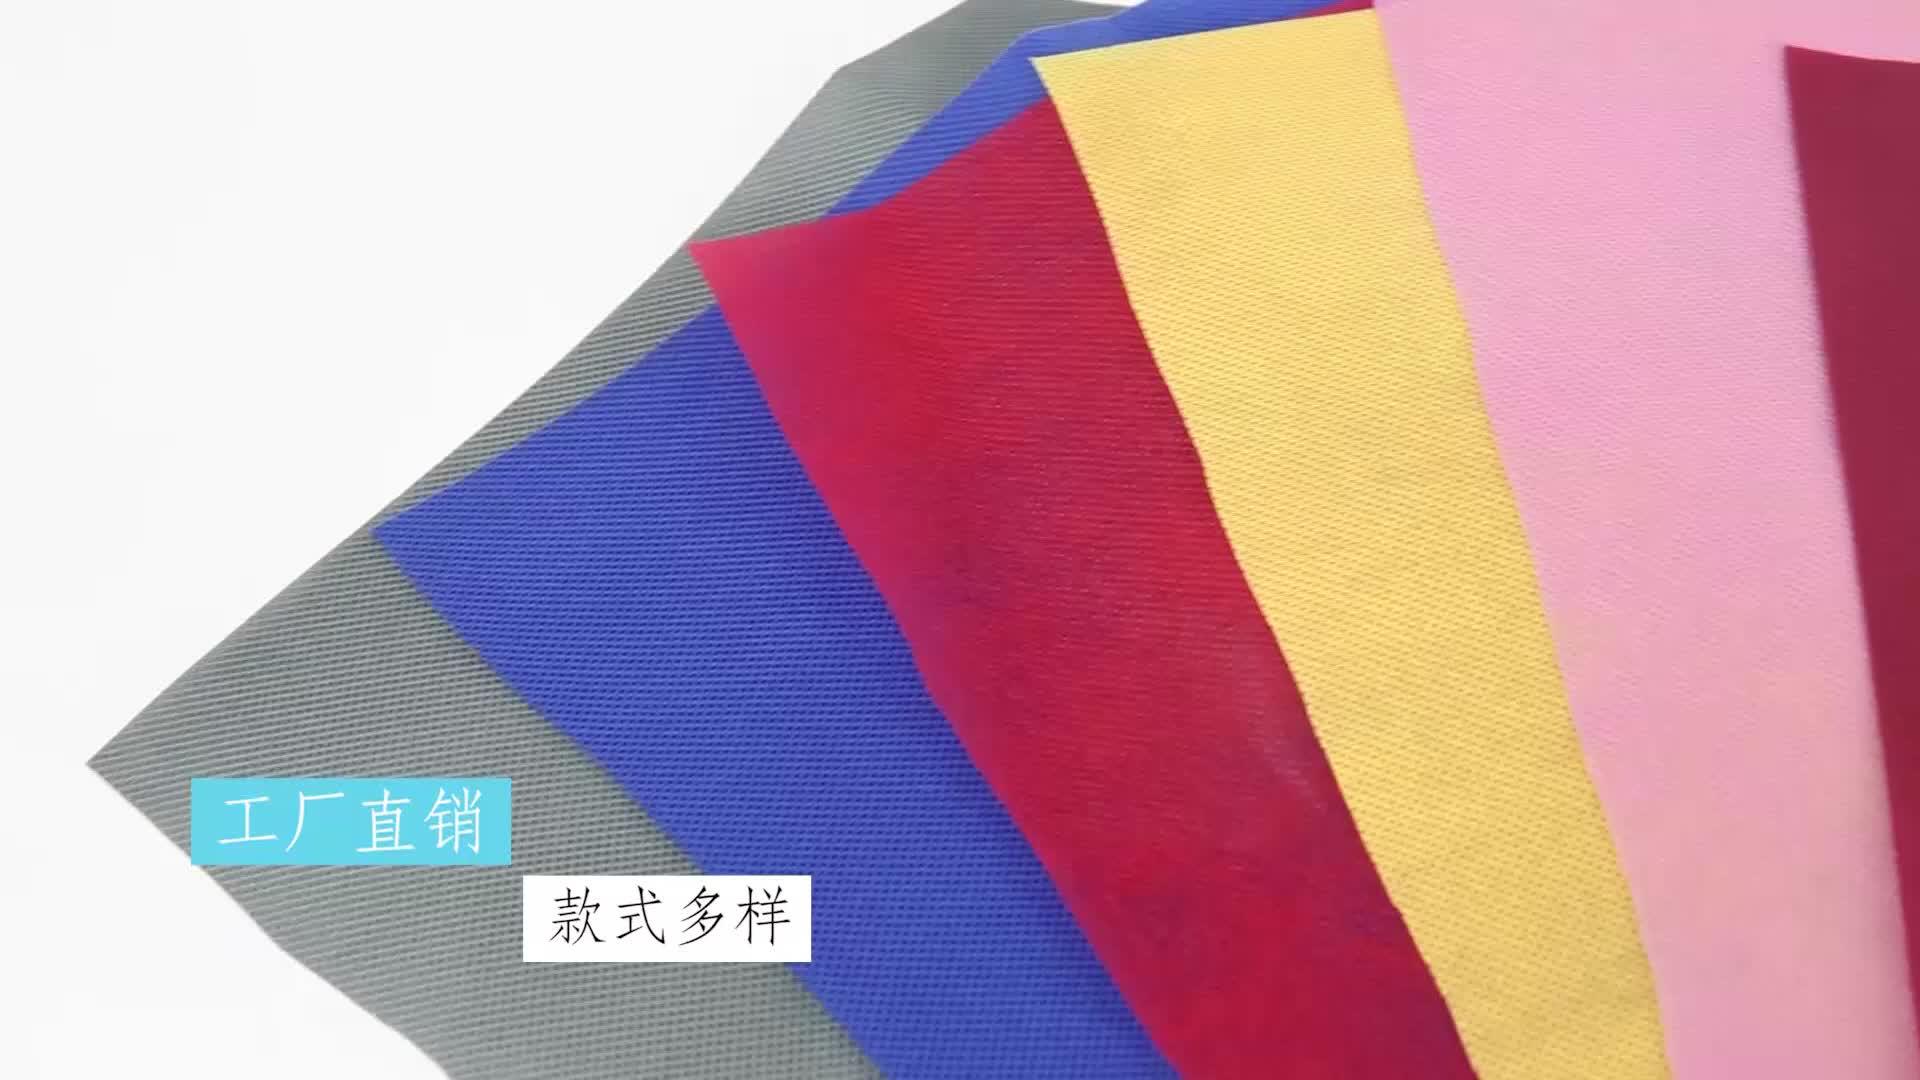 Su sıcak alacalı çeşitli velboa peluş kadife araba döşemelik su geçirmez % 100% polyester elastan kumaş